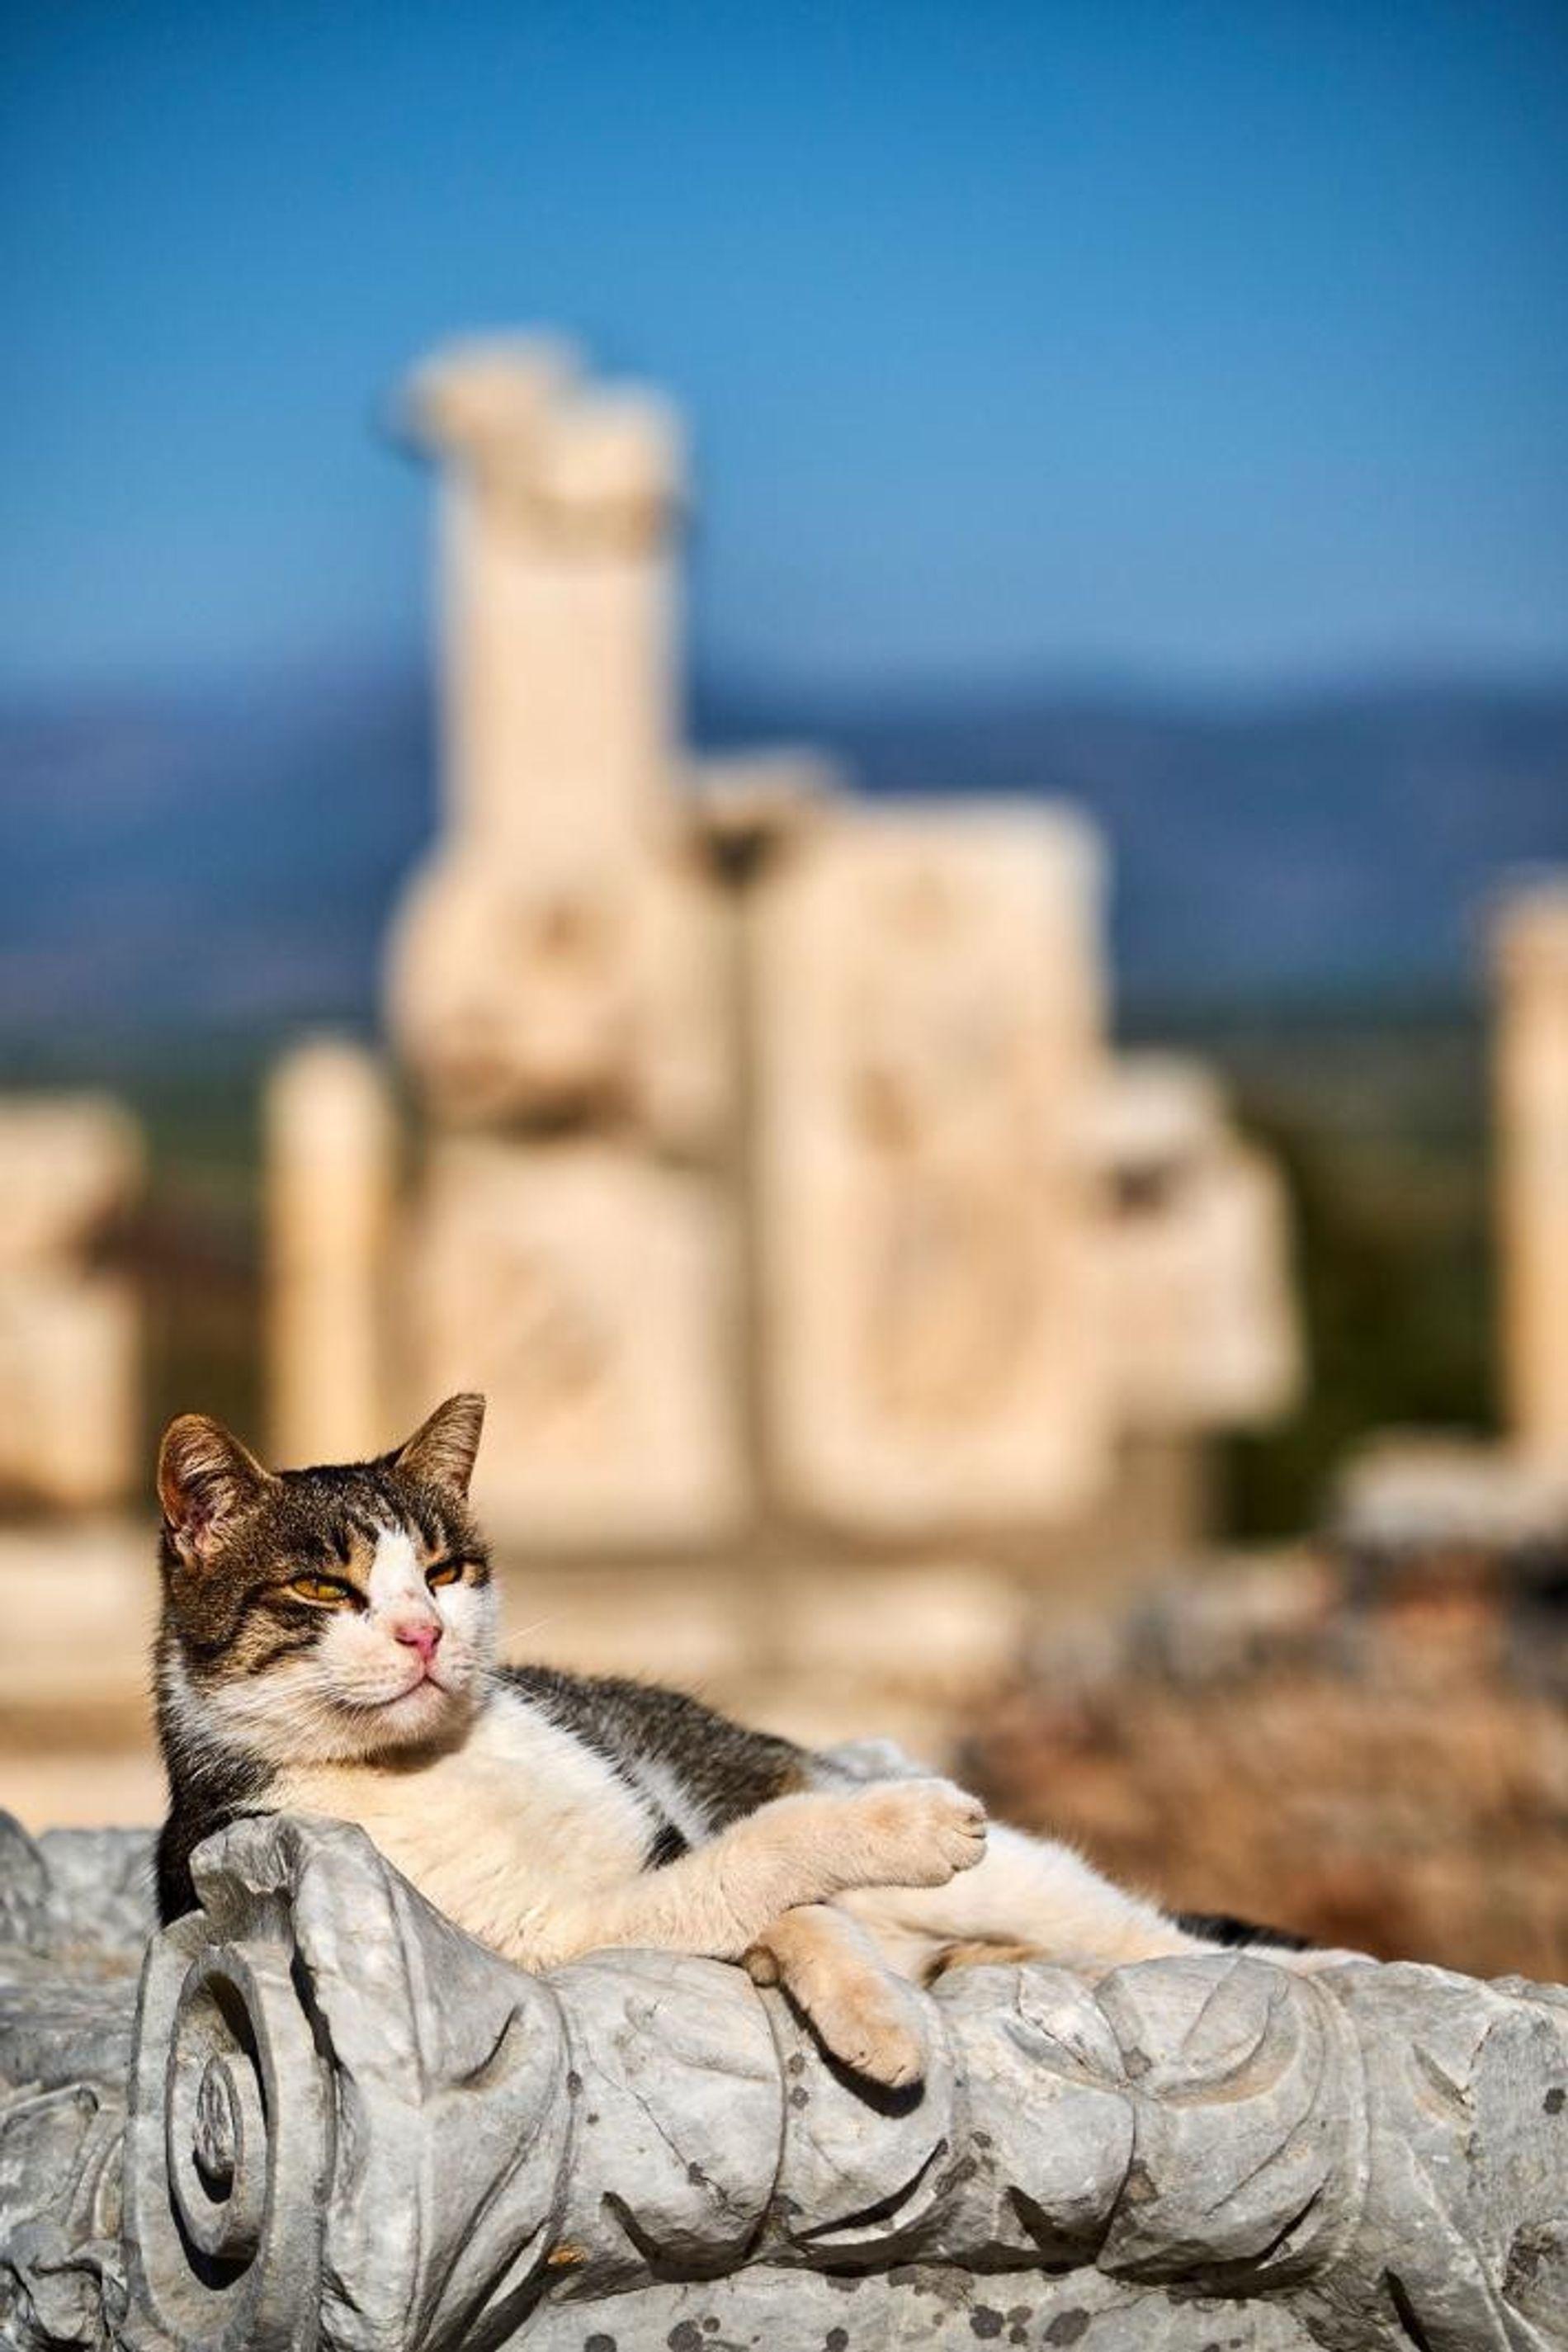 Un chat se prélasse sur l'une des ruines du site archéologique d'Éphèse, une ancienne ville portuaire romaine située dans l'actuelle Turquie et vieille de 2 000 ans.